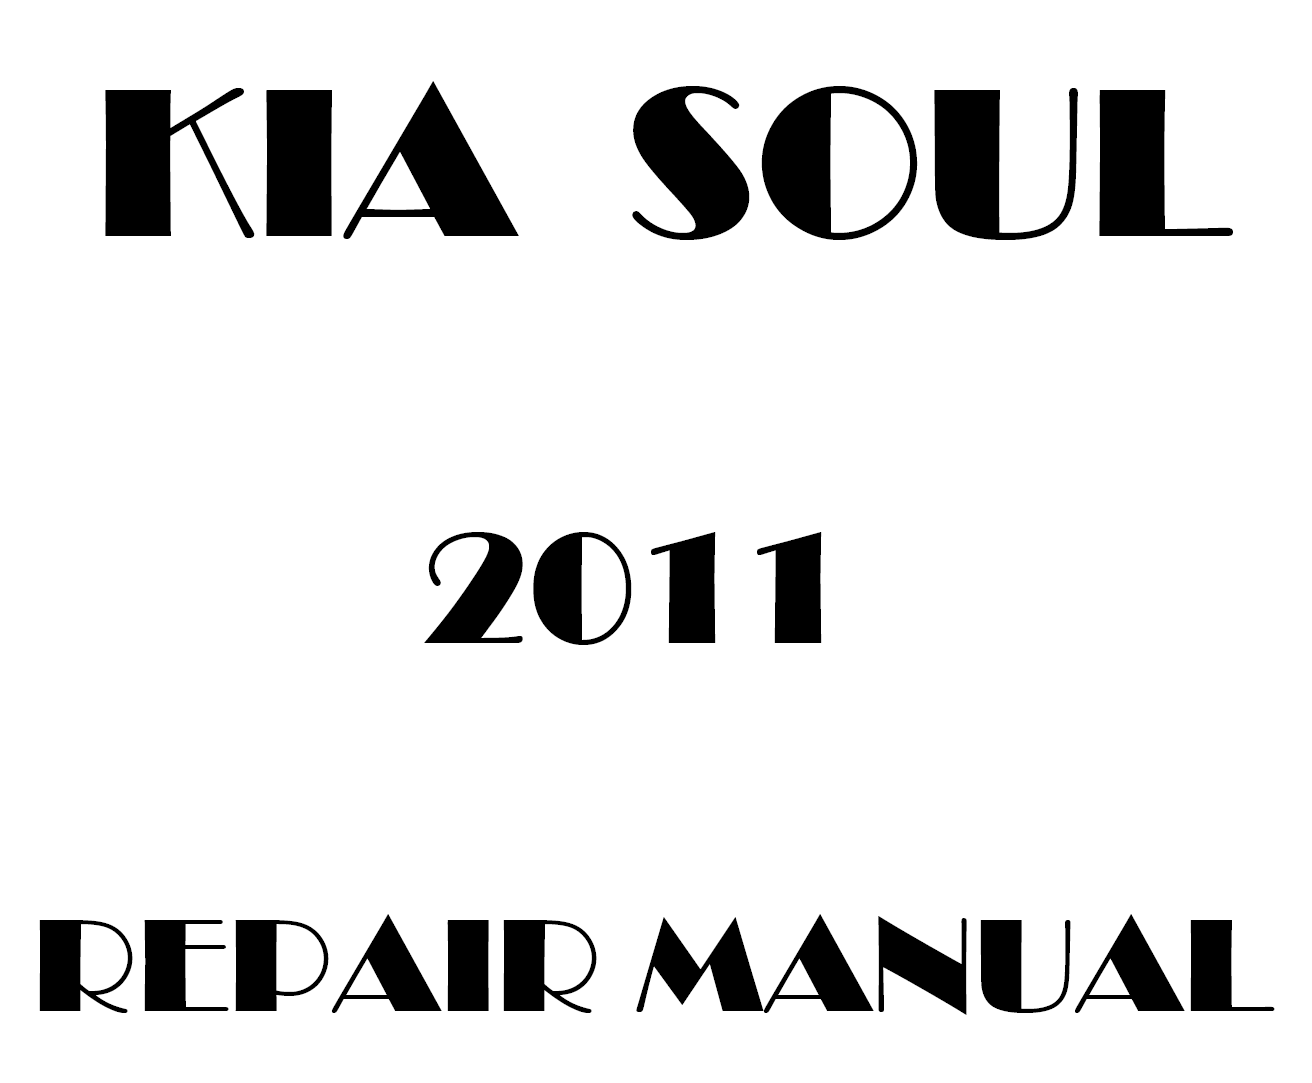 2011 Kia Soul repair manual